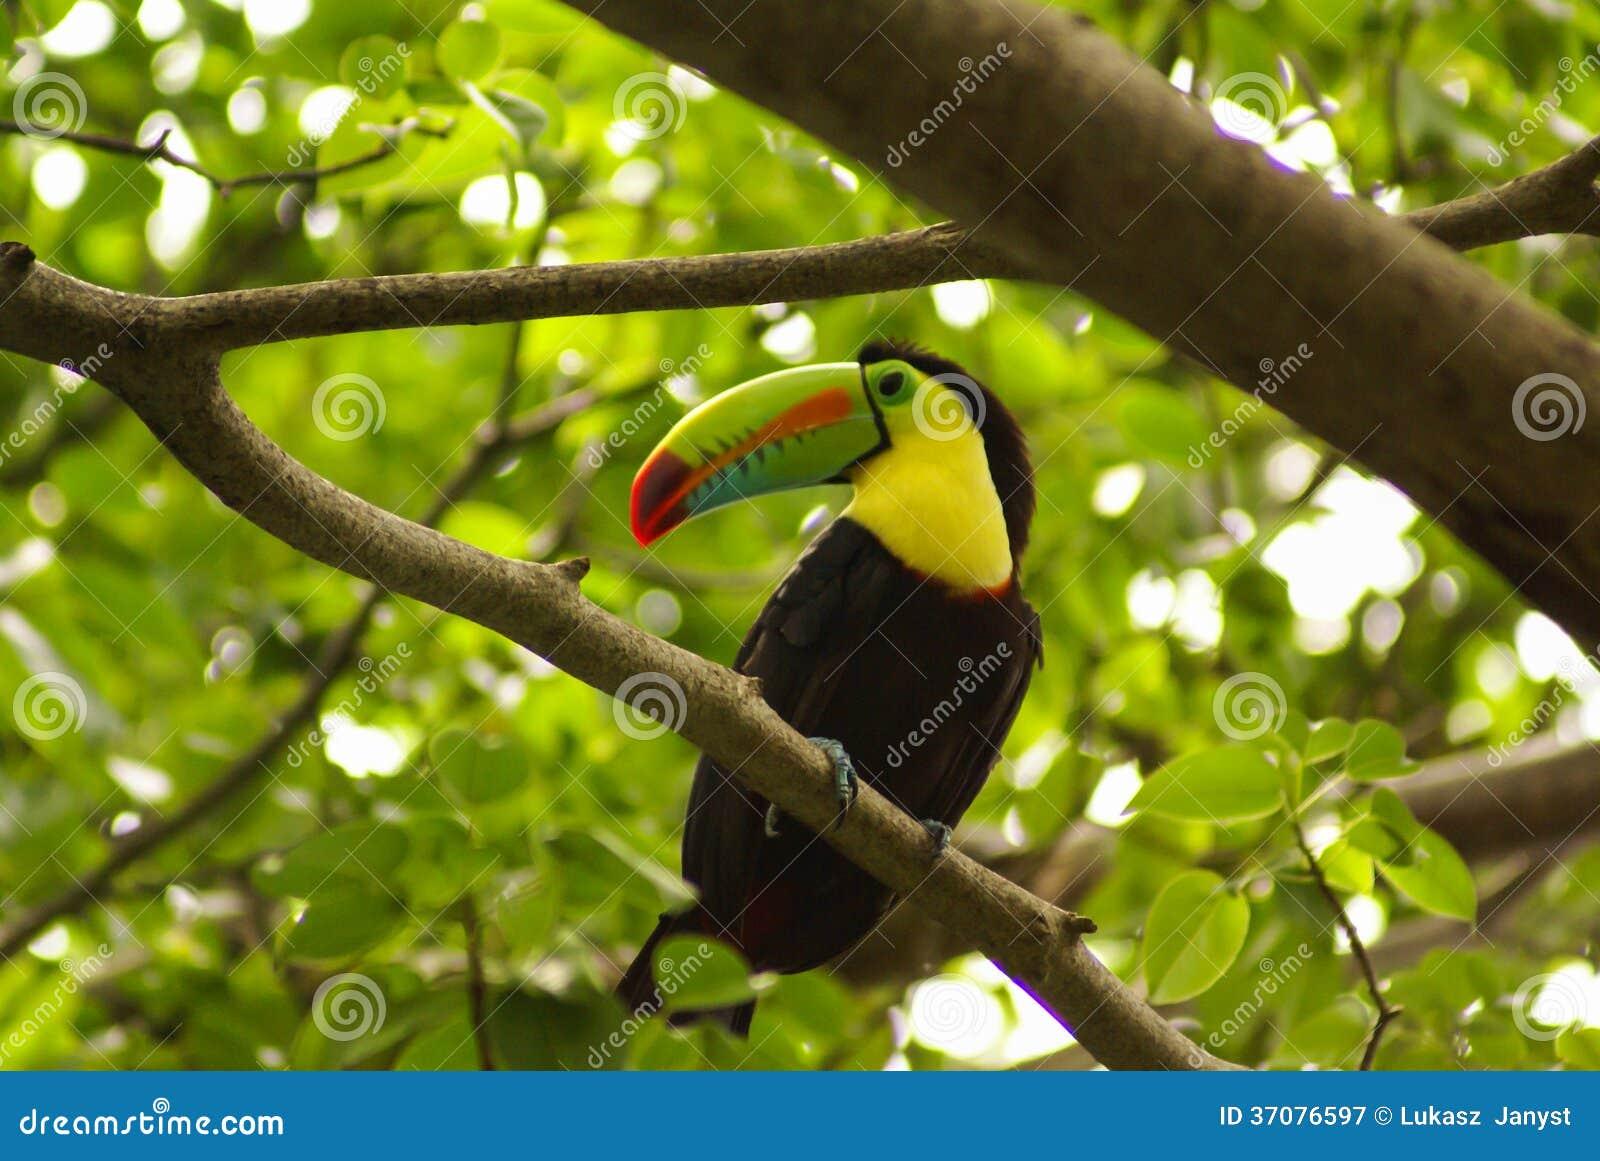 Download Pieprzojad W Lesie Tropikalnym Z Drzewem I Ulistnieniem W Ranku Po Deszczu, Wcześnie. Obraz Stock - Obraz złożonej z zwierzę, piękny: 37076597